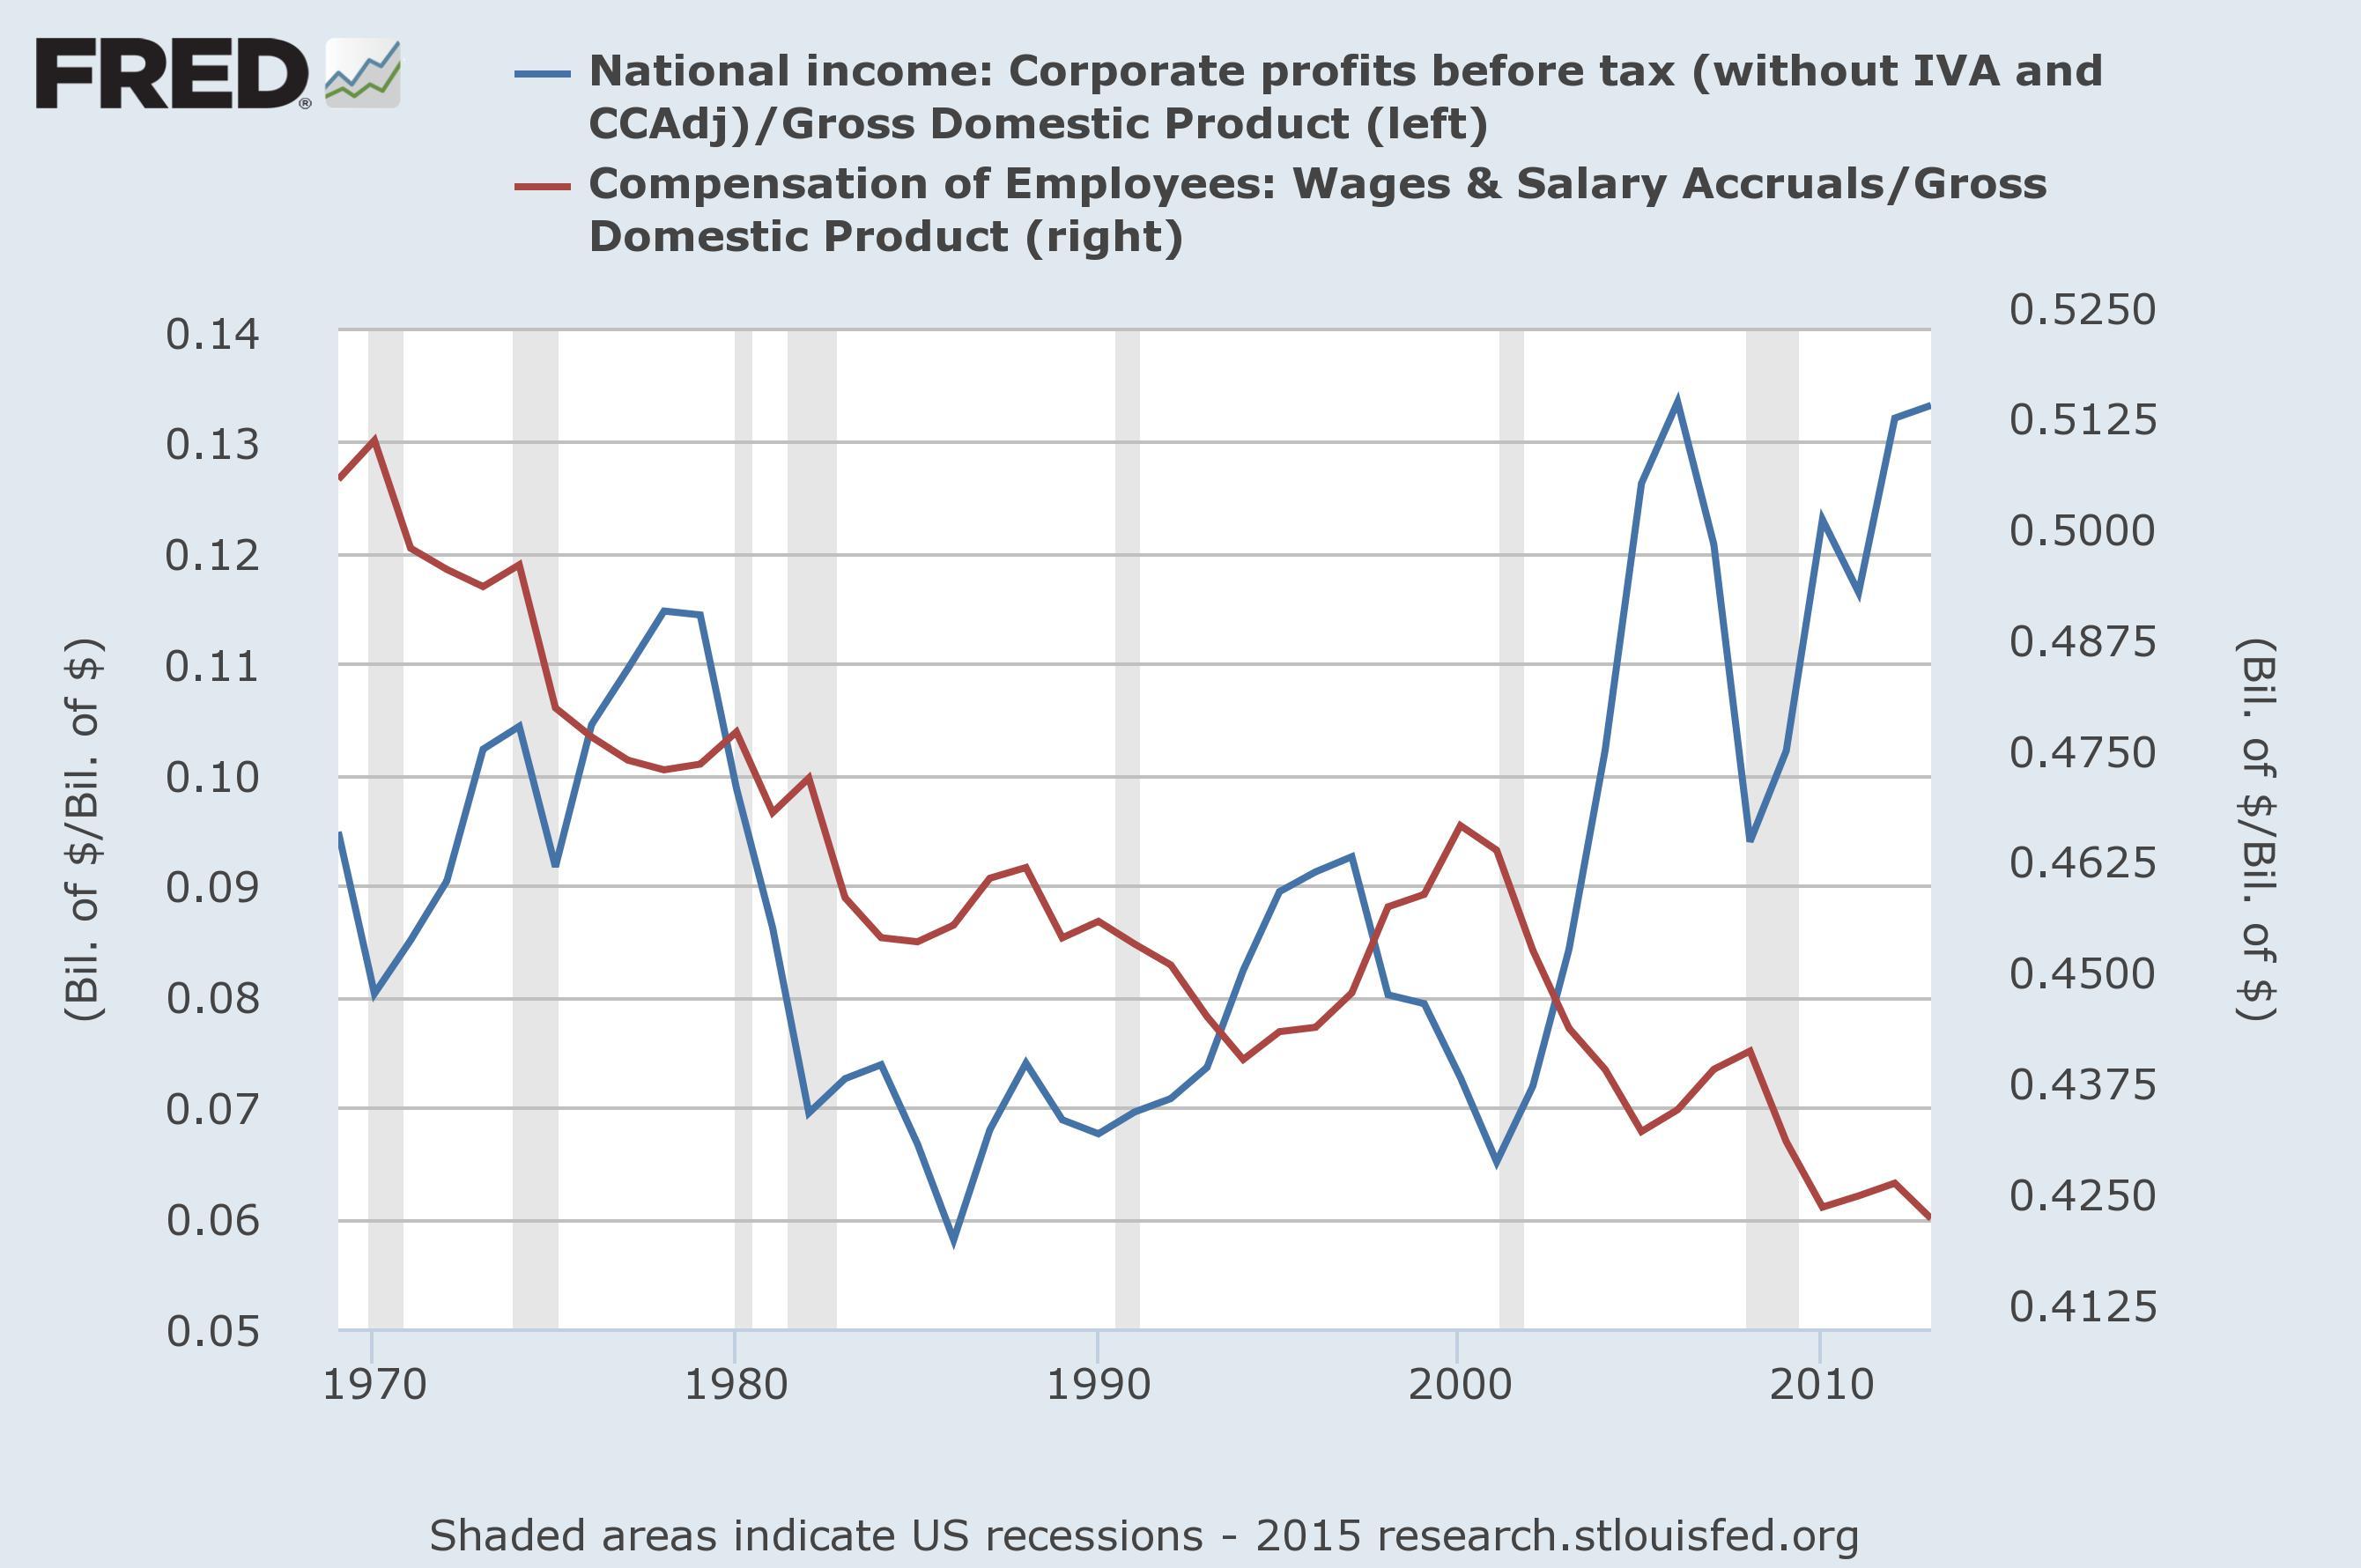 Gráfico 2. Beneficios antes de impuestos/PIB y salarios a trabajadores/PIB (click para ampliar).